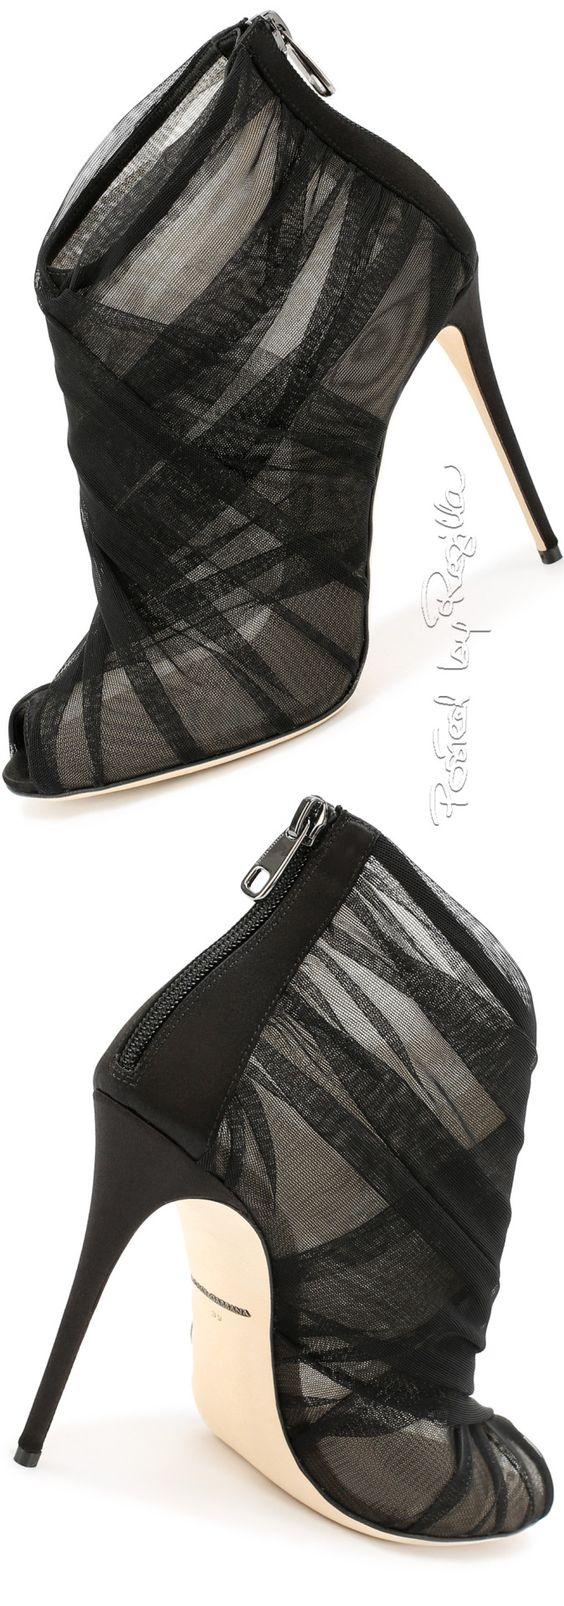 Regilla ⚜ Dolce & Gabbana: